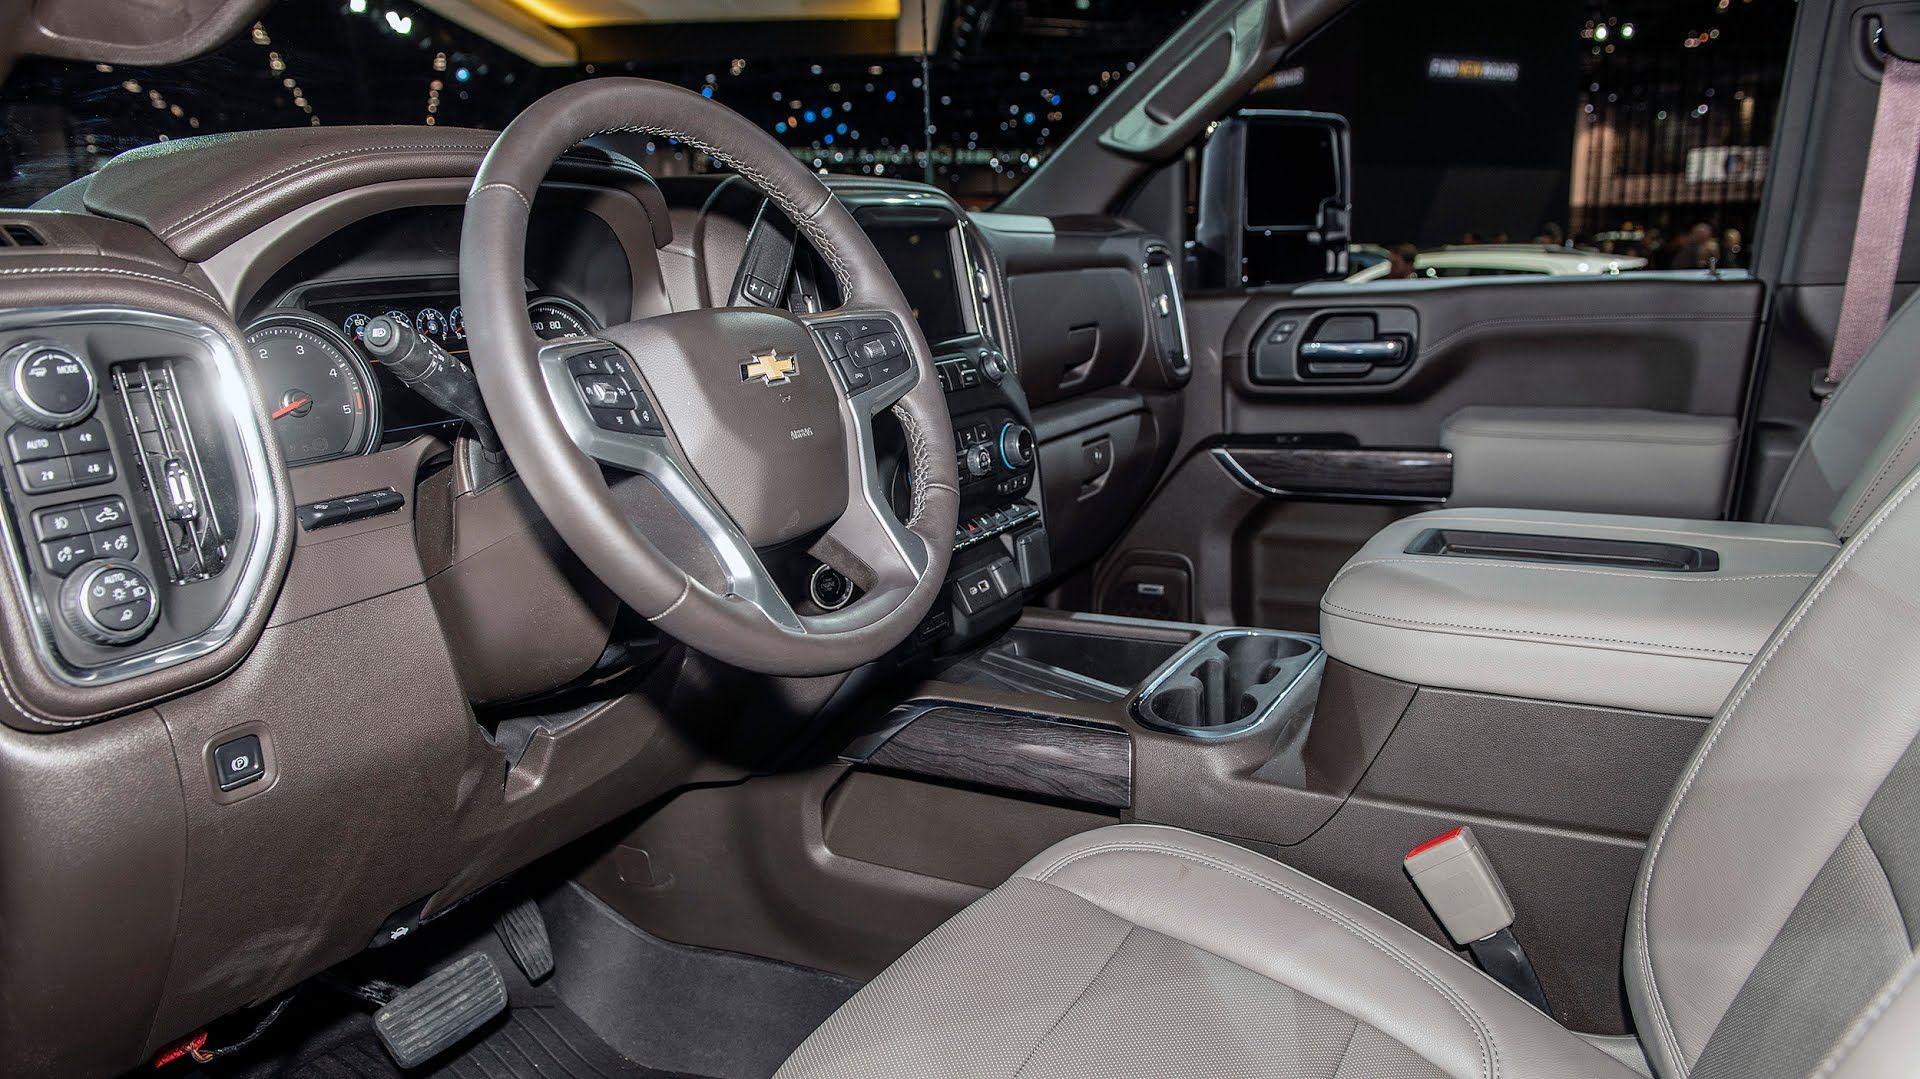 2020 Chevrolet Silverado Hd Chicago 2019 Photo Gallery Silverado Hd Chevrolet Silverado Silverado